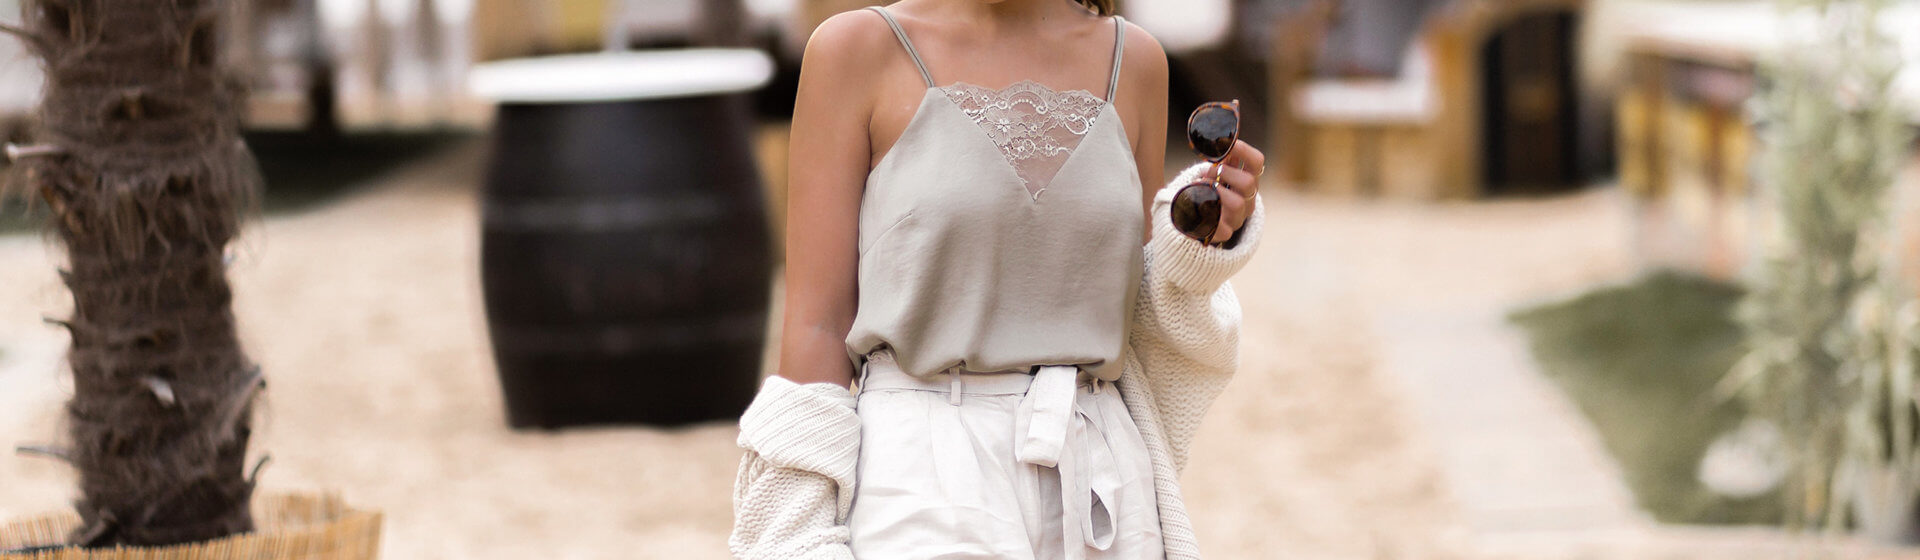 Salbeigrün stylen, Sommer Trendfarbe 2019, Shoelove by Deichmann